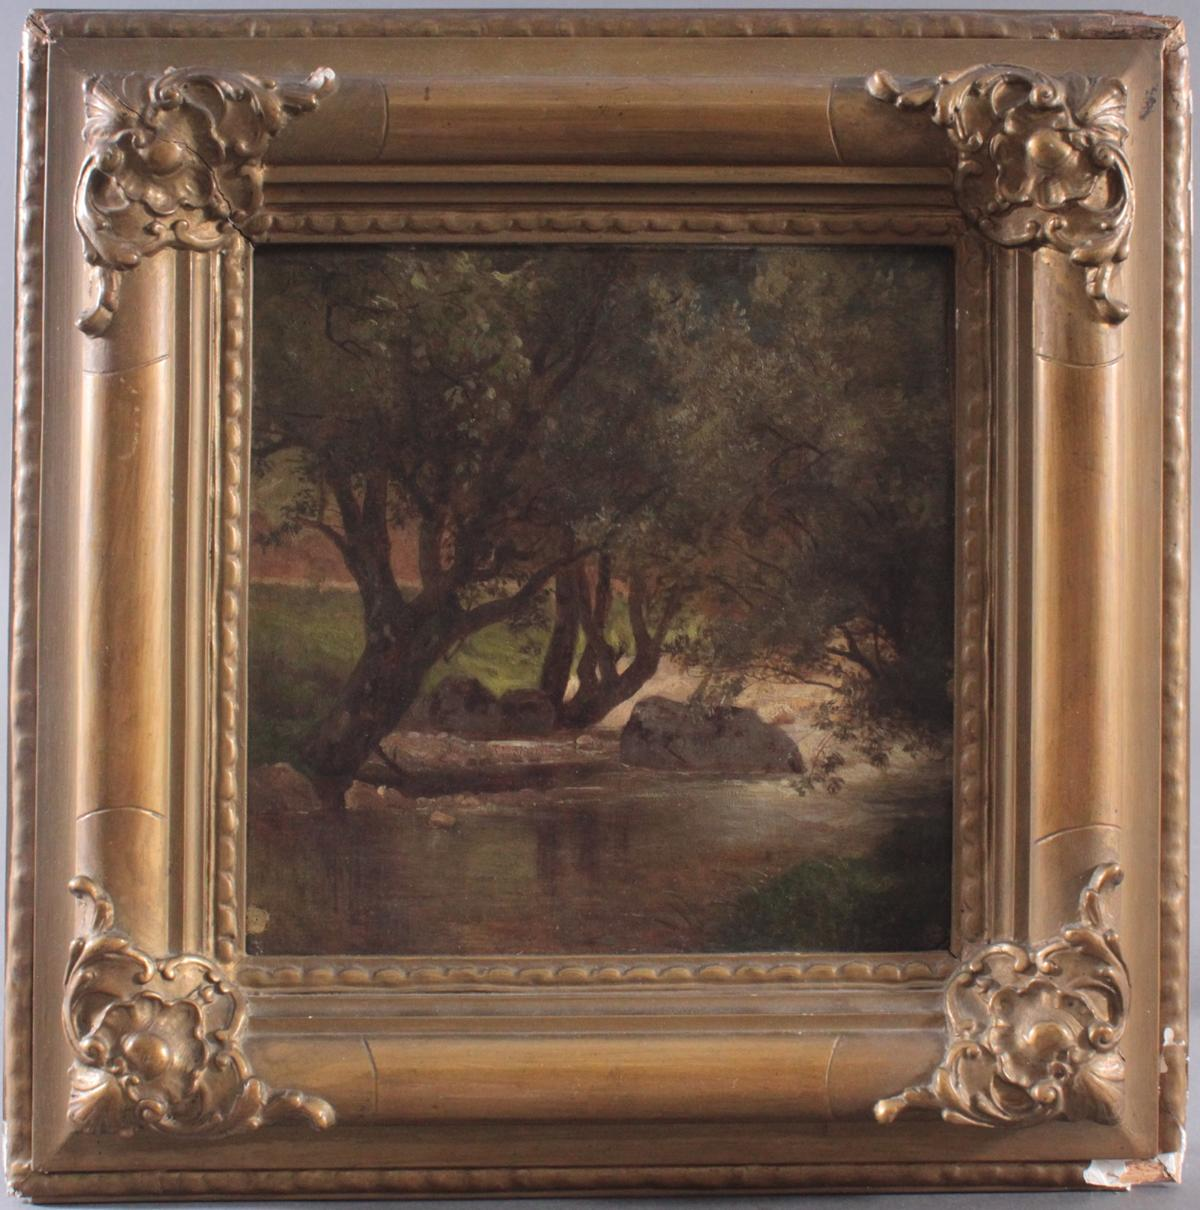 Gemälde des 19./20. Jahrhunderts. Unbekannter Künstler